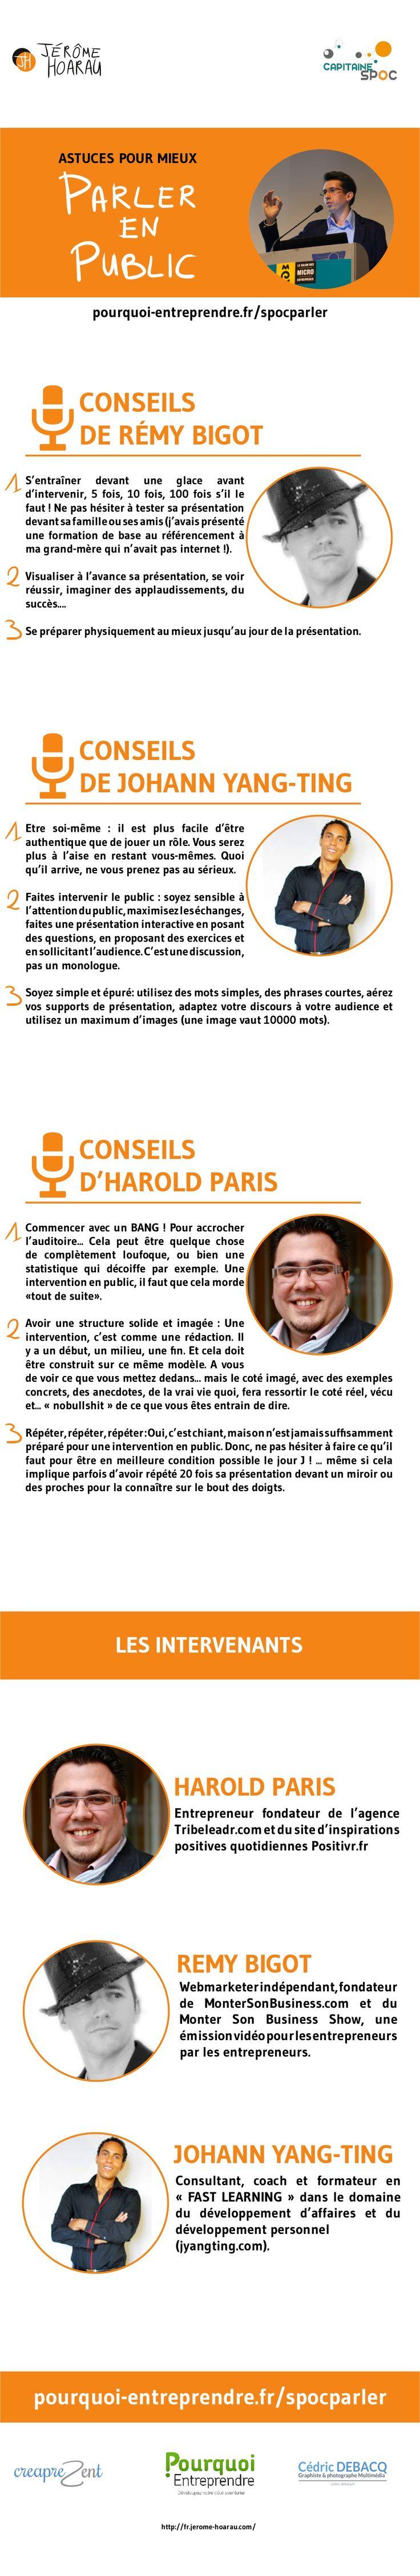 Conseils pour mieux parler en public, communication orale by Jérôme HOARAU via slideshare